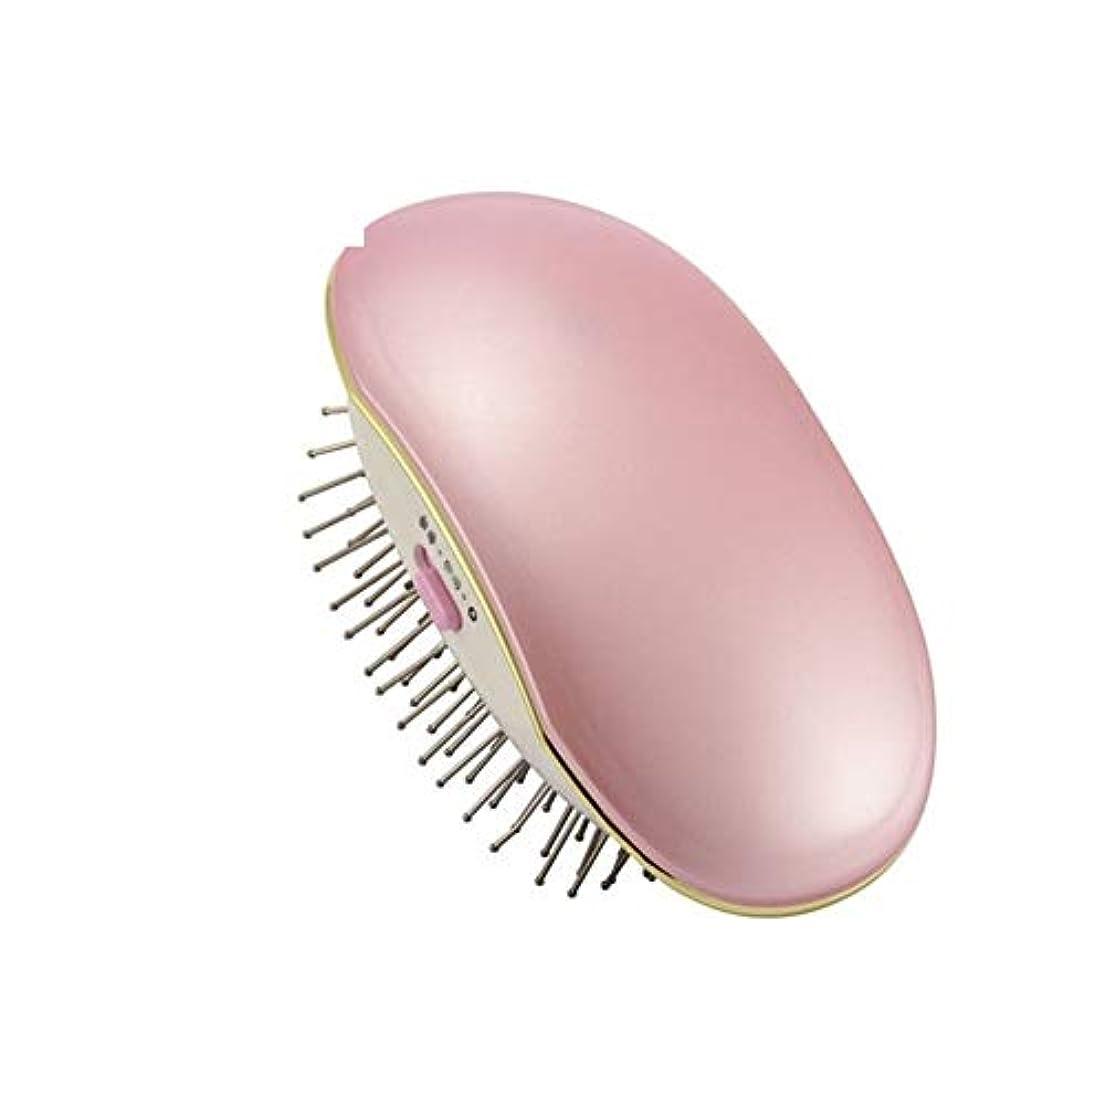 表面詐欺師バイパスJiashenghuang ポータブル電気イオンブラシ櫛イオン完璧な矯正スタイラーアイロンブラシケア矯正電気アイロンブラシ (Color : Pink)